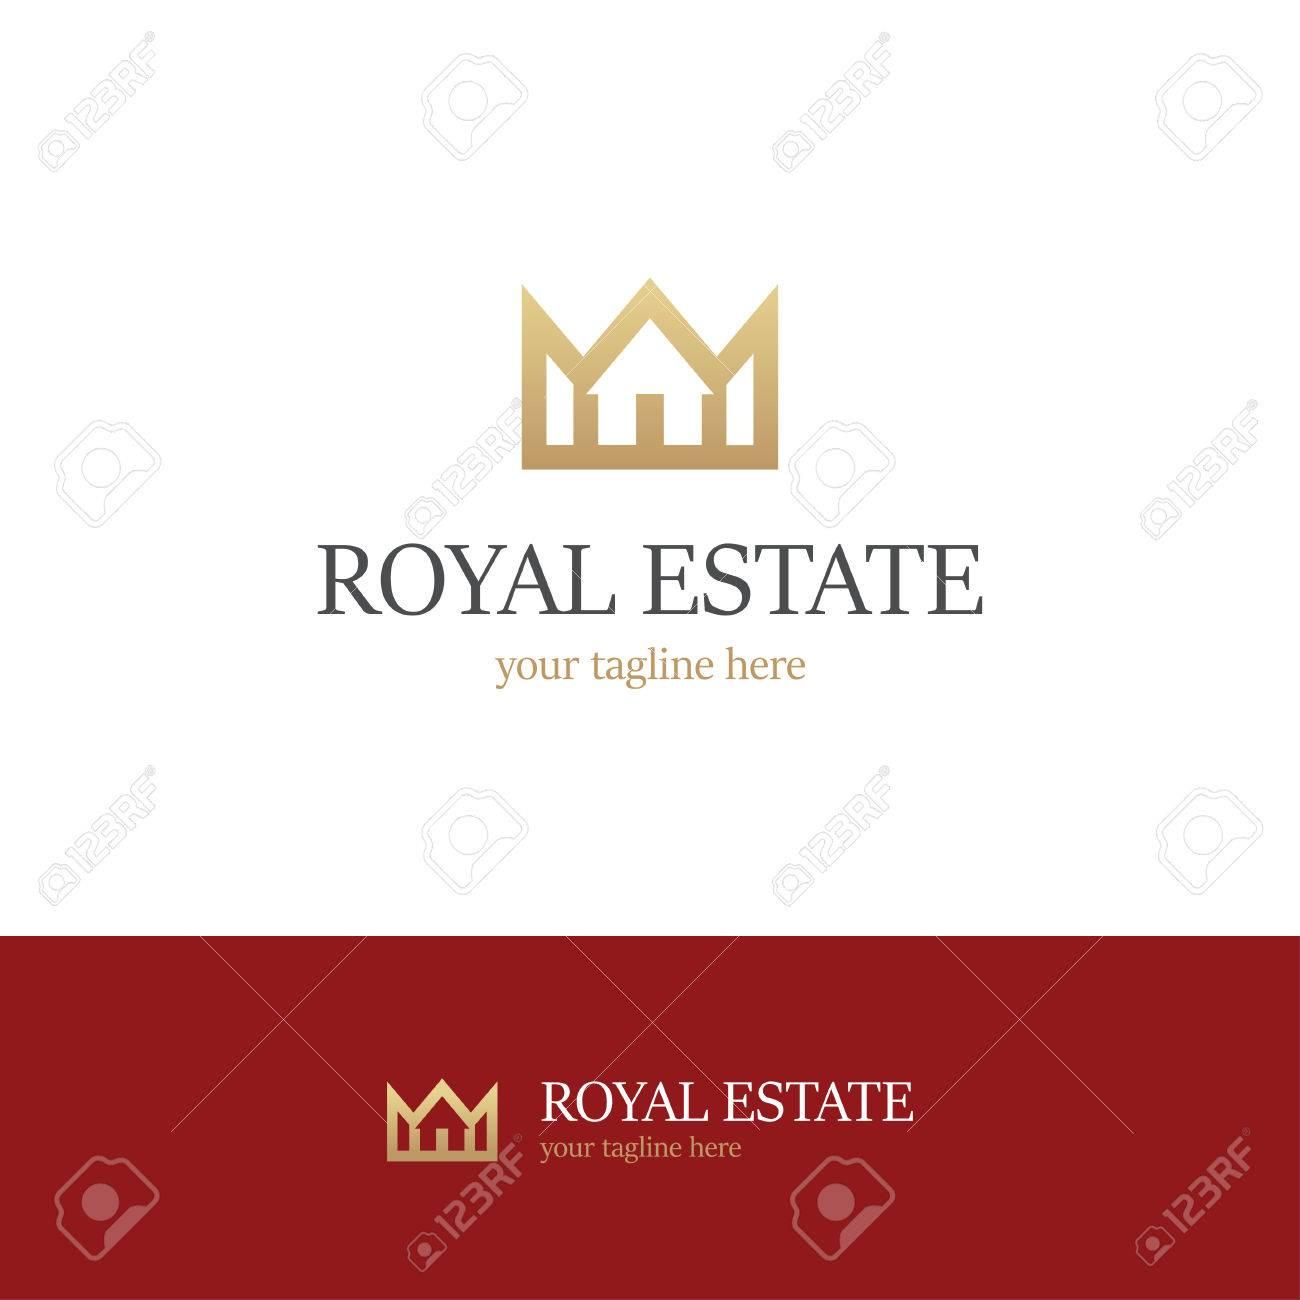 Logo D Or Avec Maison Et Couronne Sur Fond Blanc Et Rouge Icone Royale Immobiliere Clip Art Libres De Droits Vecteurs Et Illustration Image 68720722